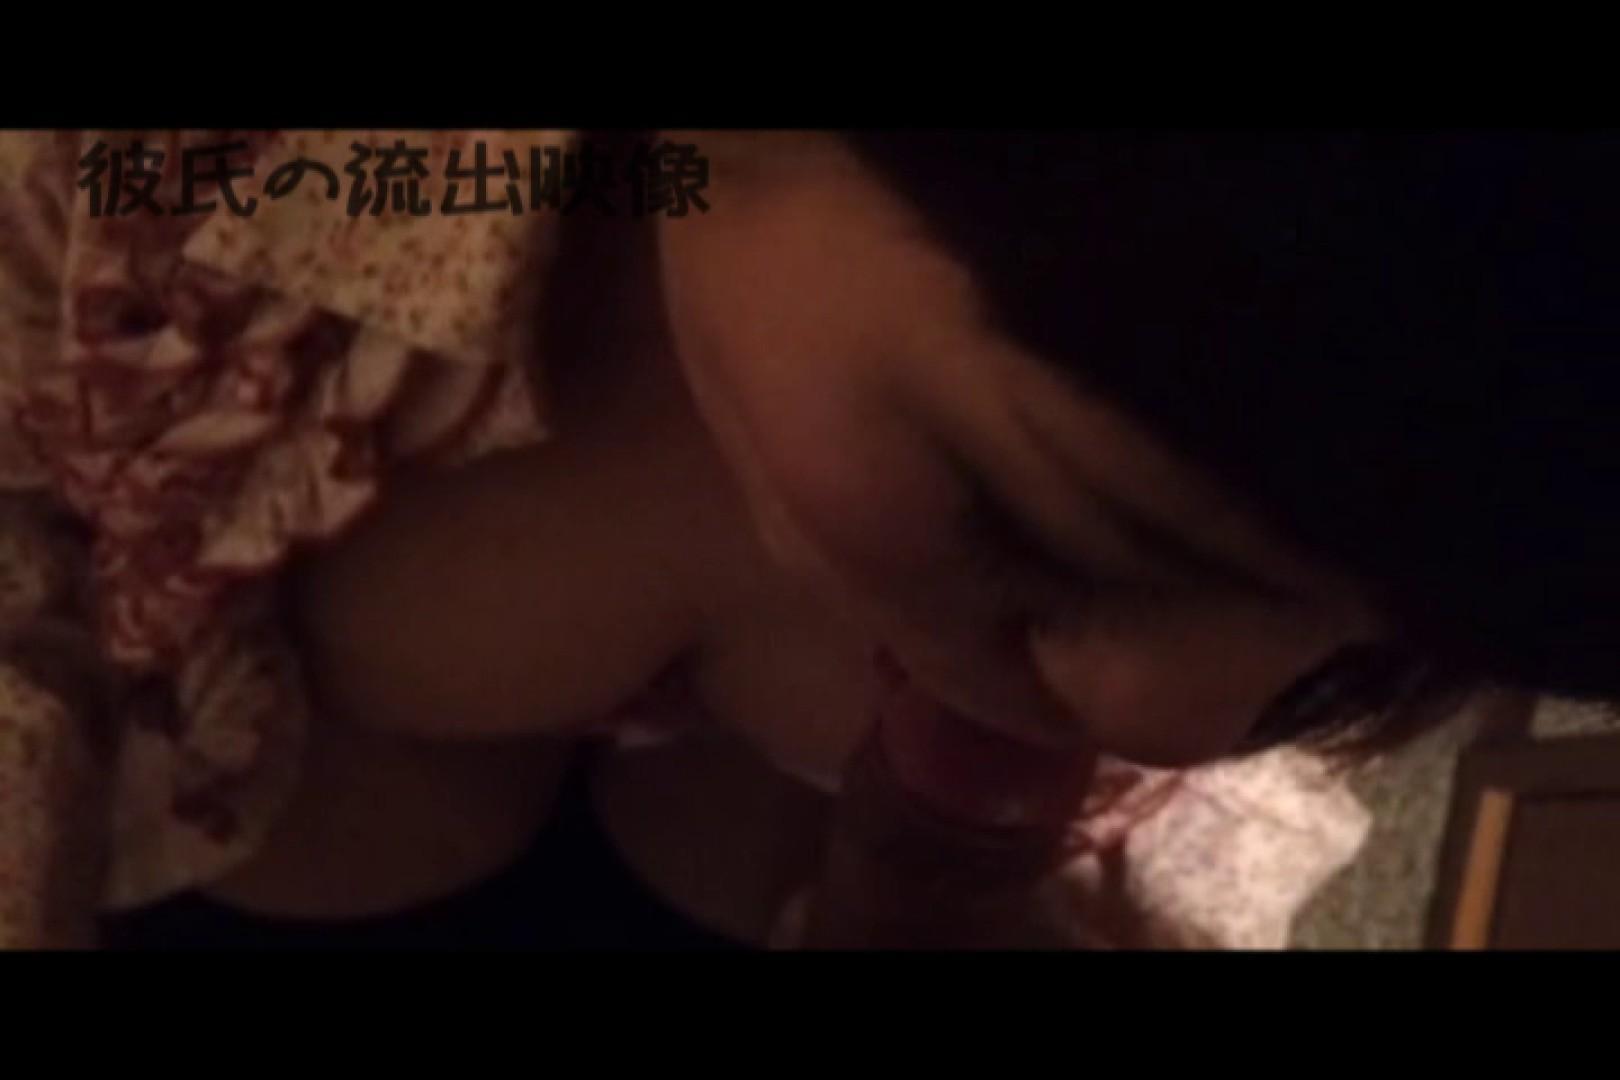 彼氏が流出 パイパン素人嬢のハメ撮り映像03 素人丸裸  85pic 51